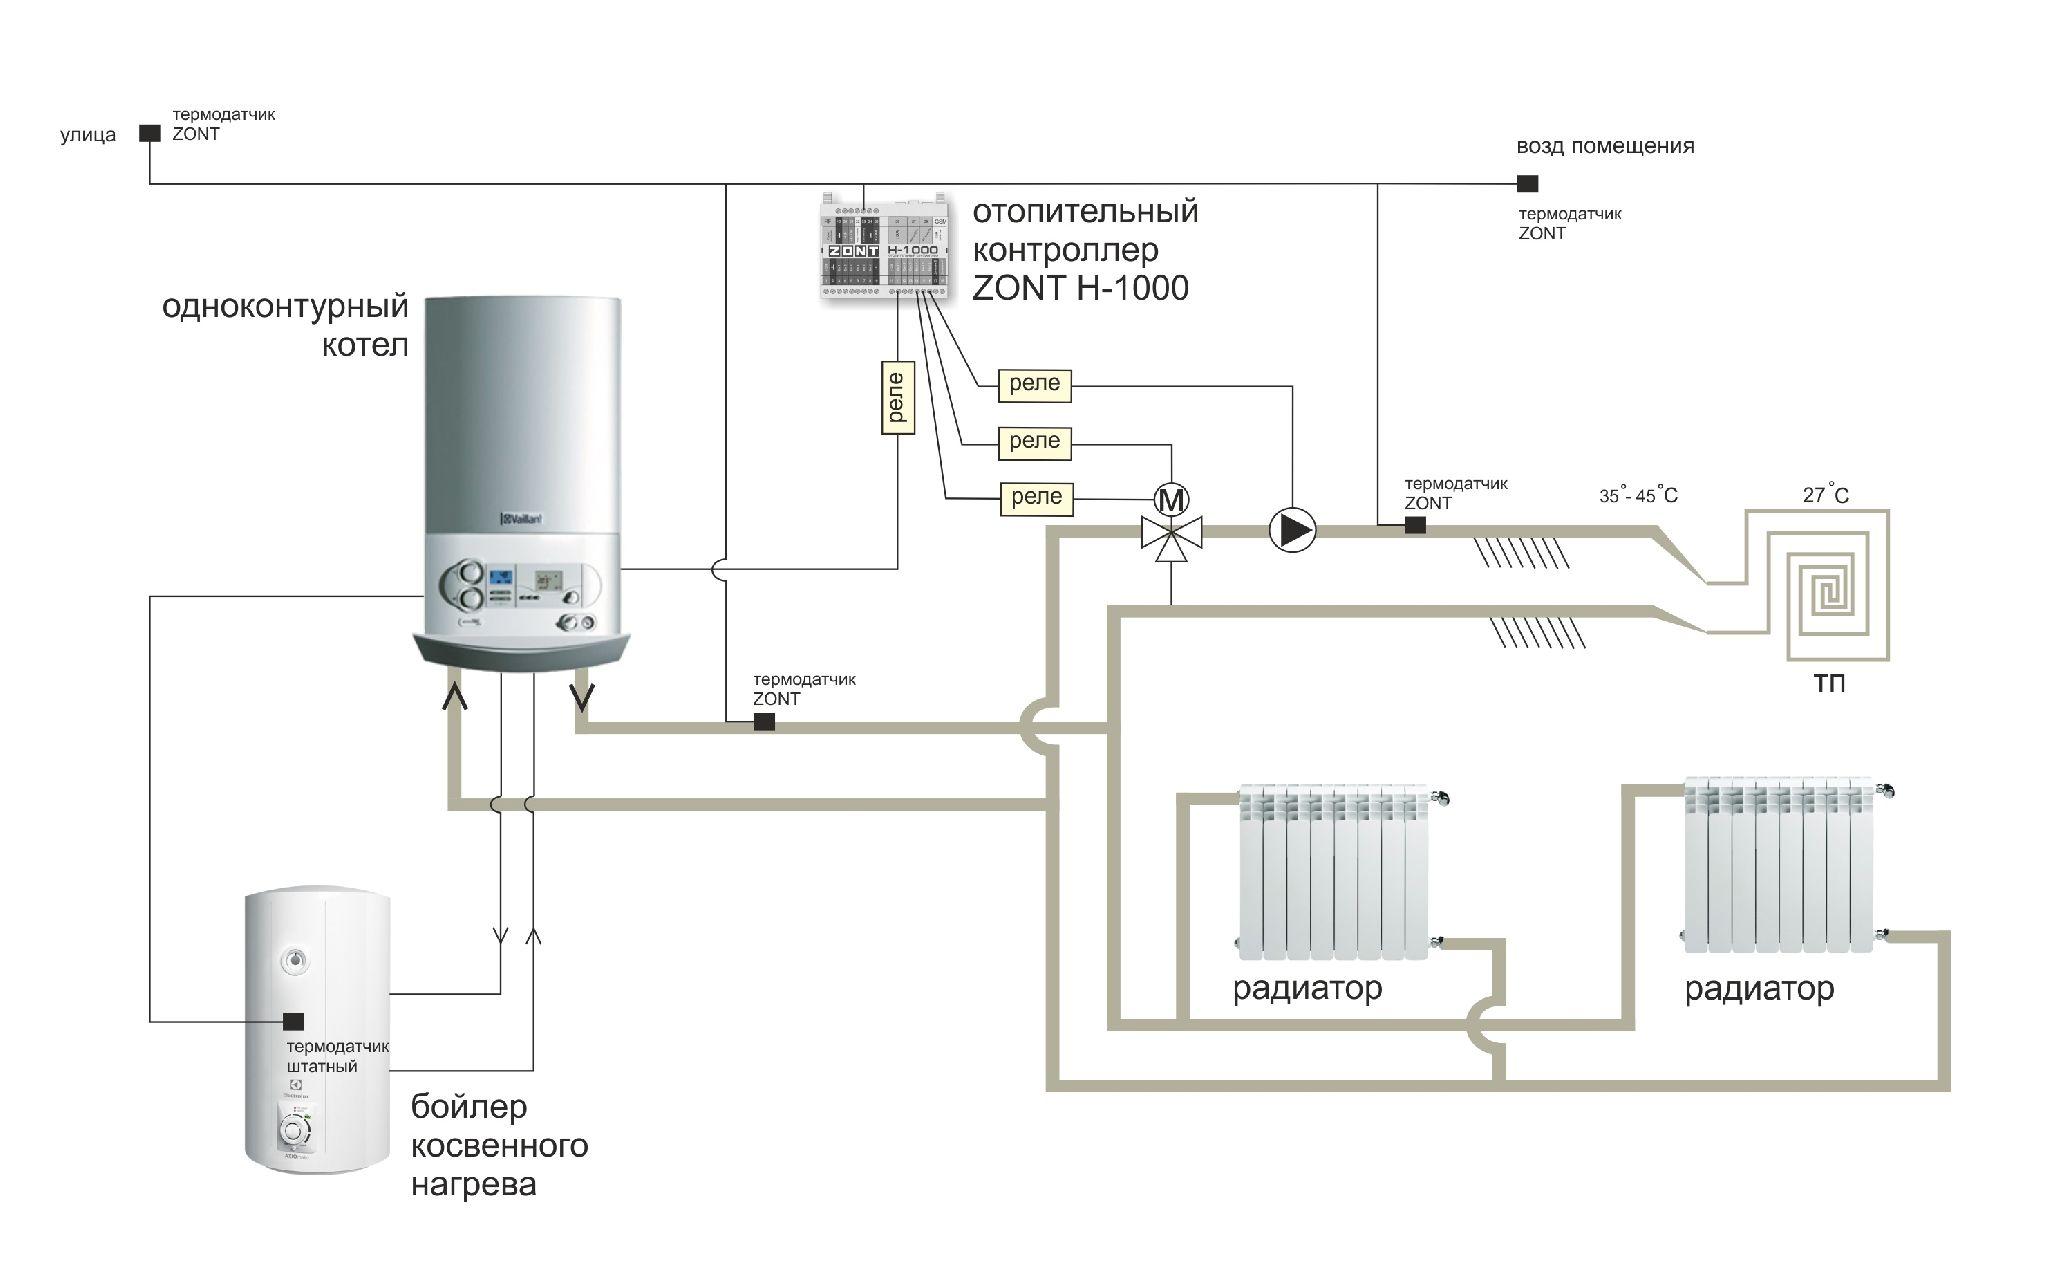 ZONT H-1000 универсальный контроллер для систем отопления купить, цена, отзывы, характеристики, официальный магазин | Москва, Волоколамское шоссе, 103, тел. +7 (495) 208-00-68 | Пример котельной с открытым коллектором и бойлером косвенного нагрева